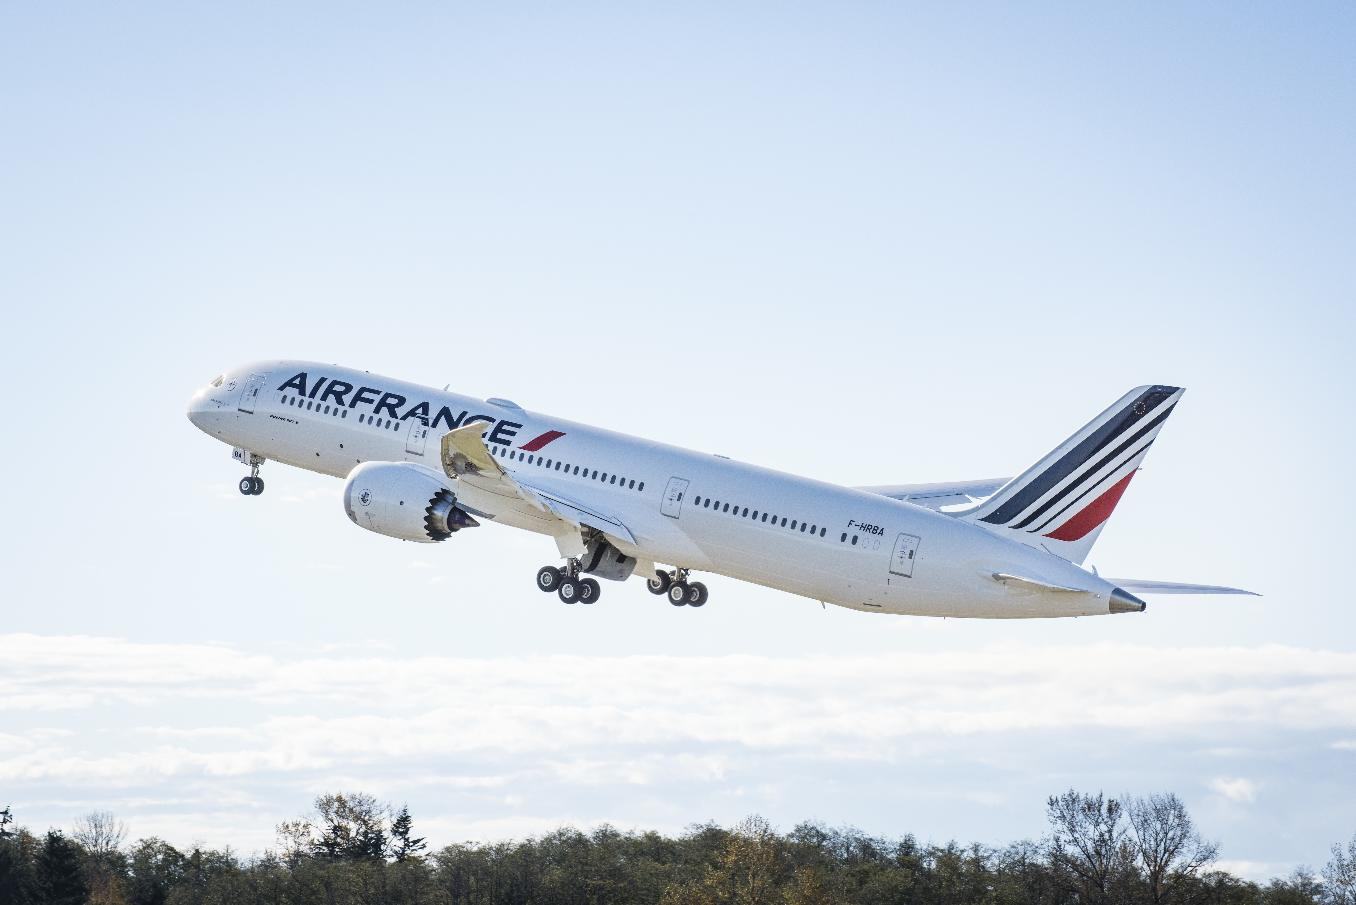 Air France/KLM a réussi à dégager 1 Md€ de bénéfice d'exploitation